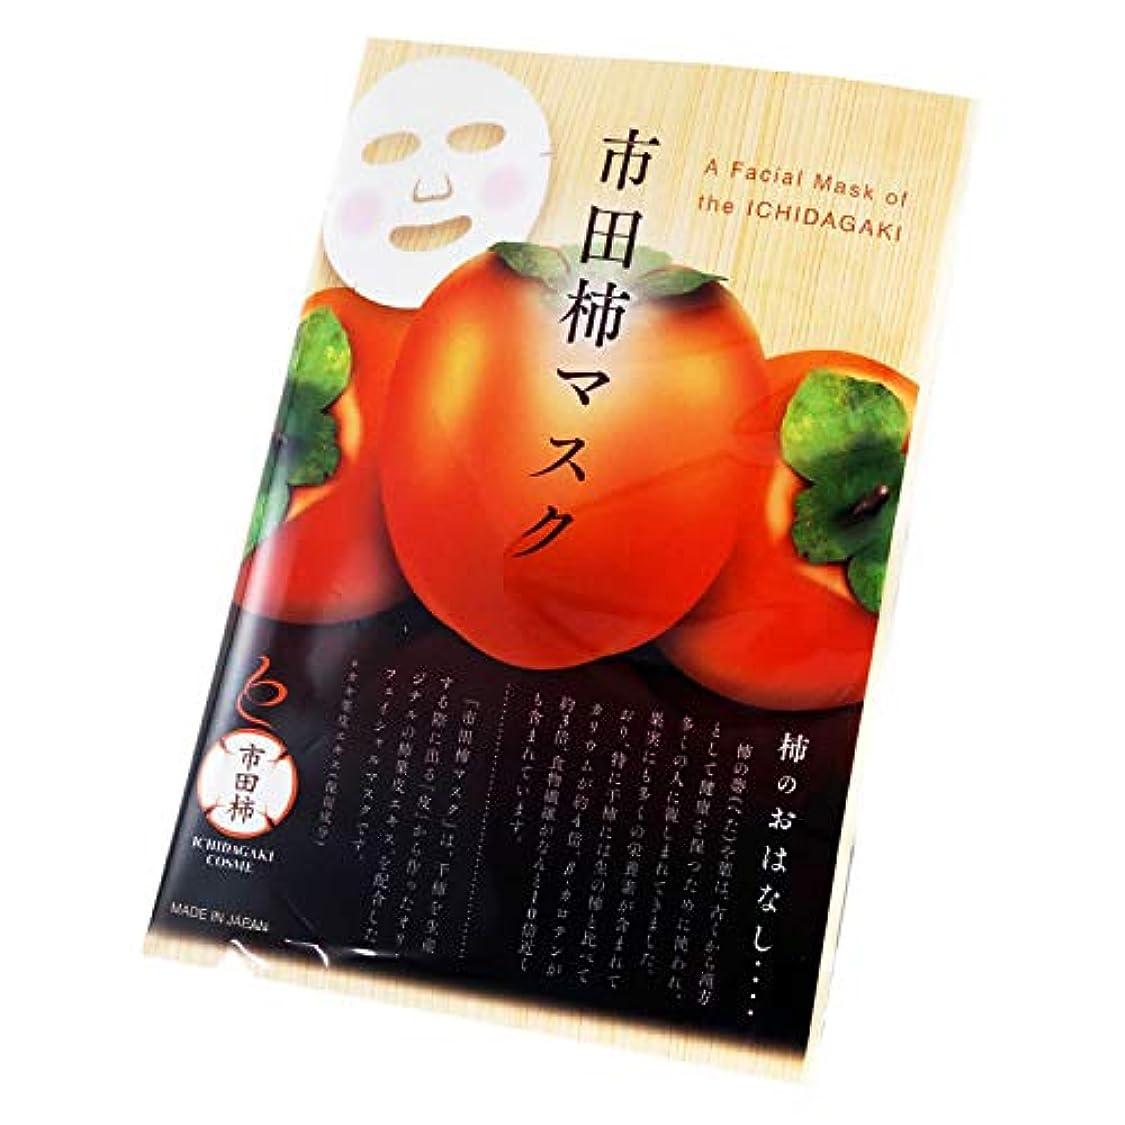 市田柿コスメ フェイスマスク 1枚